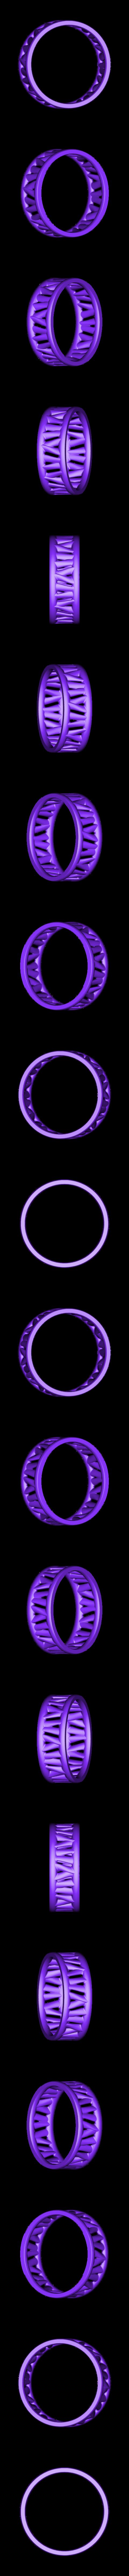 PI-Bracelet-ring_3.2M.stl Télécharger fichier STL gratuit Bracelet Palmiga - Collection Bague • Plan imprimable en 3D, Palmiga